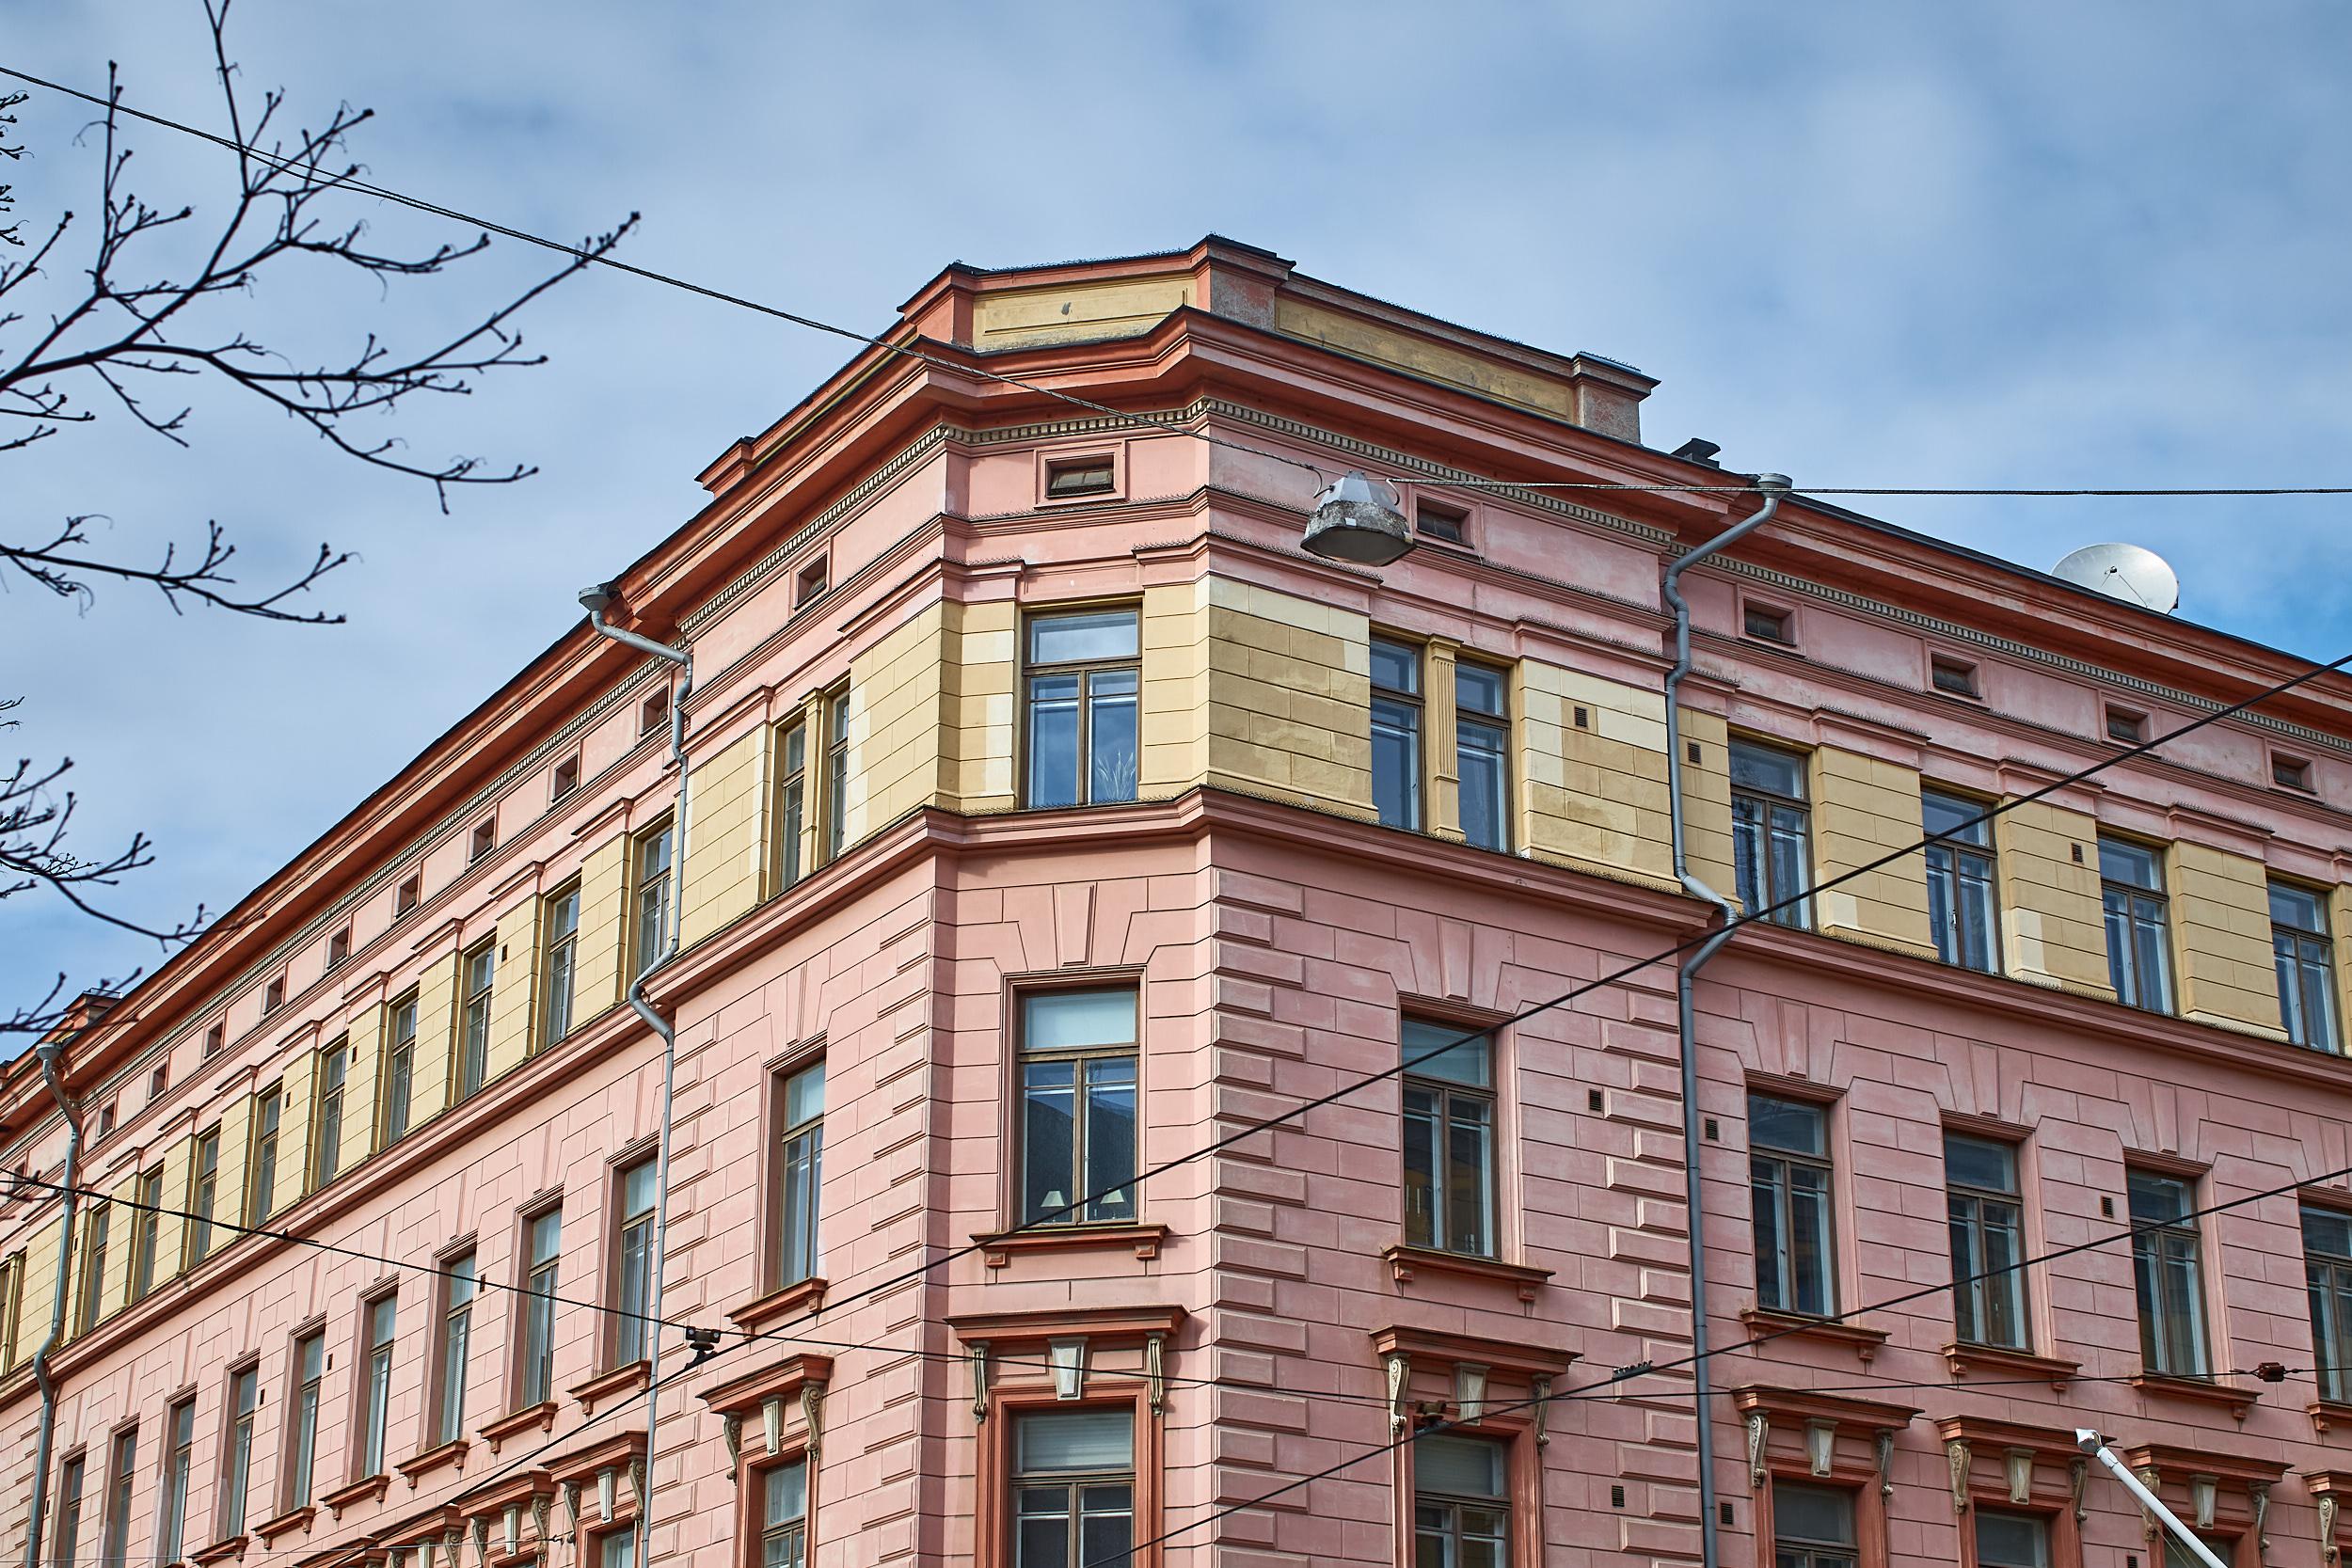 35 mm - 2019-03-30 15.29.54 - Helsinki Anne.jpg